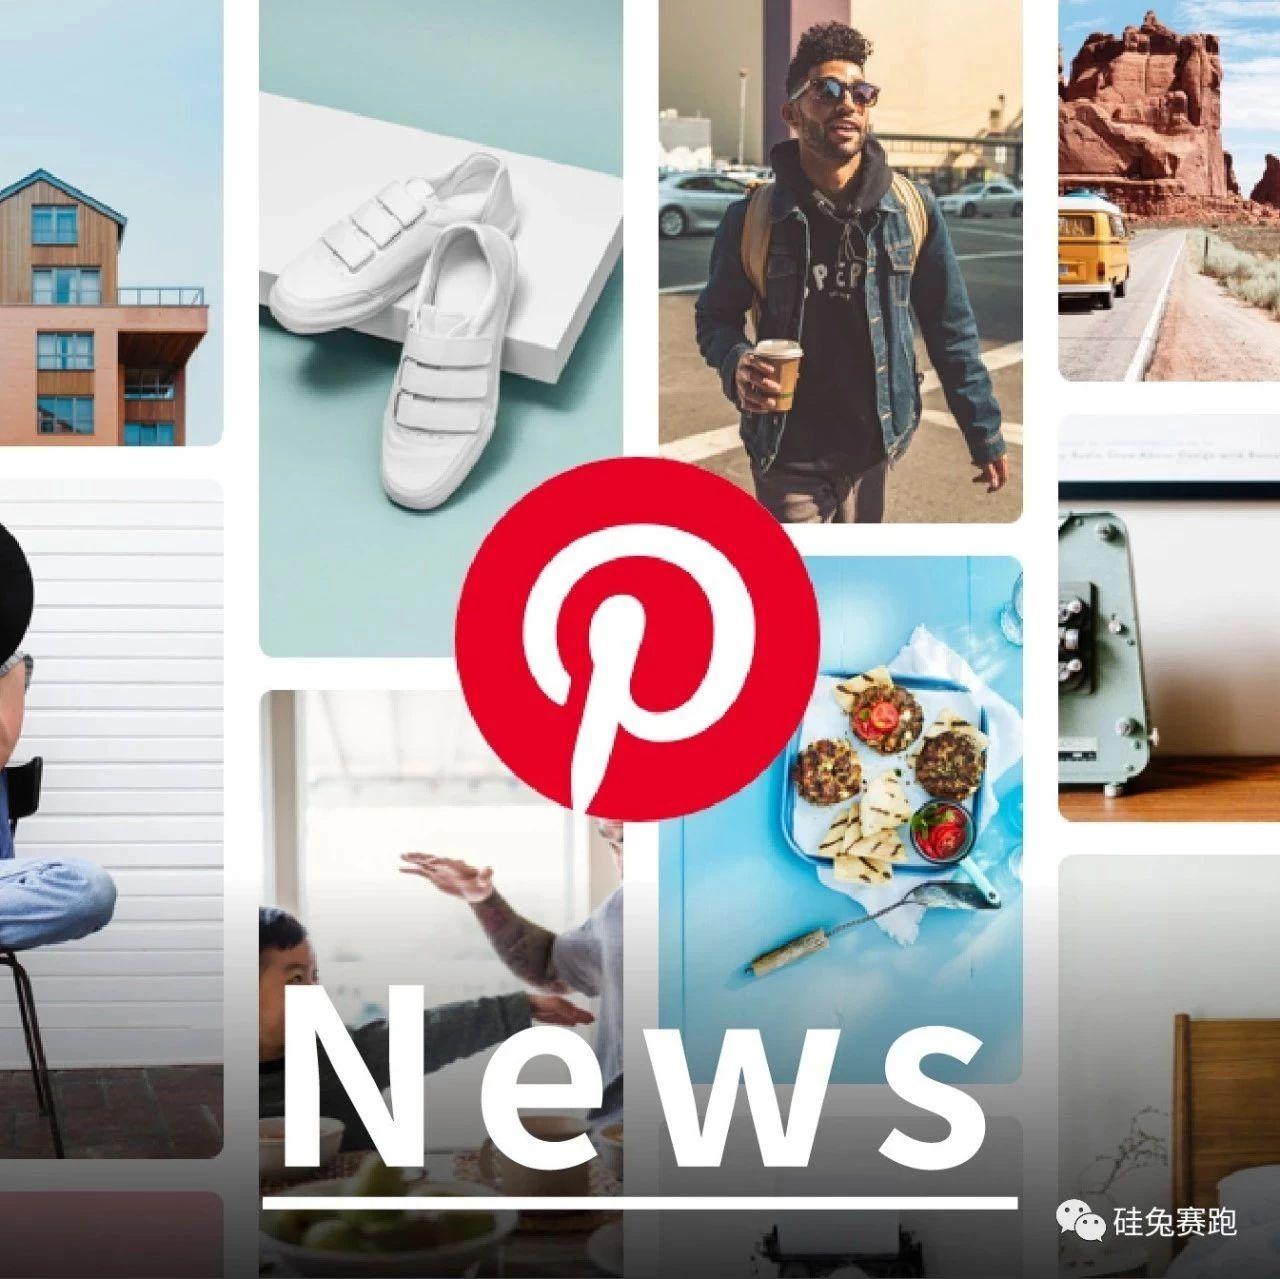 硅兔News |  Pinterest超过SnapChat,成为美国第三大社交媒体